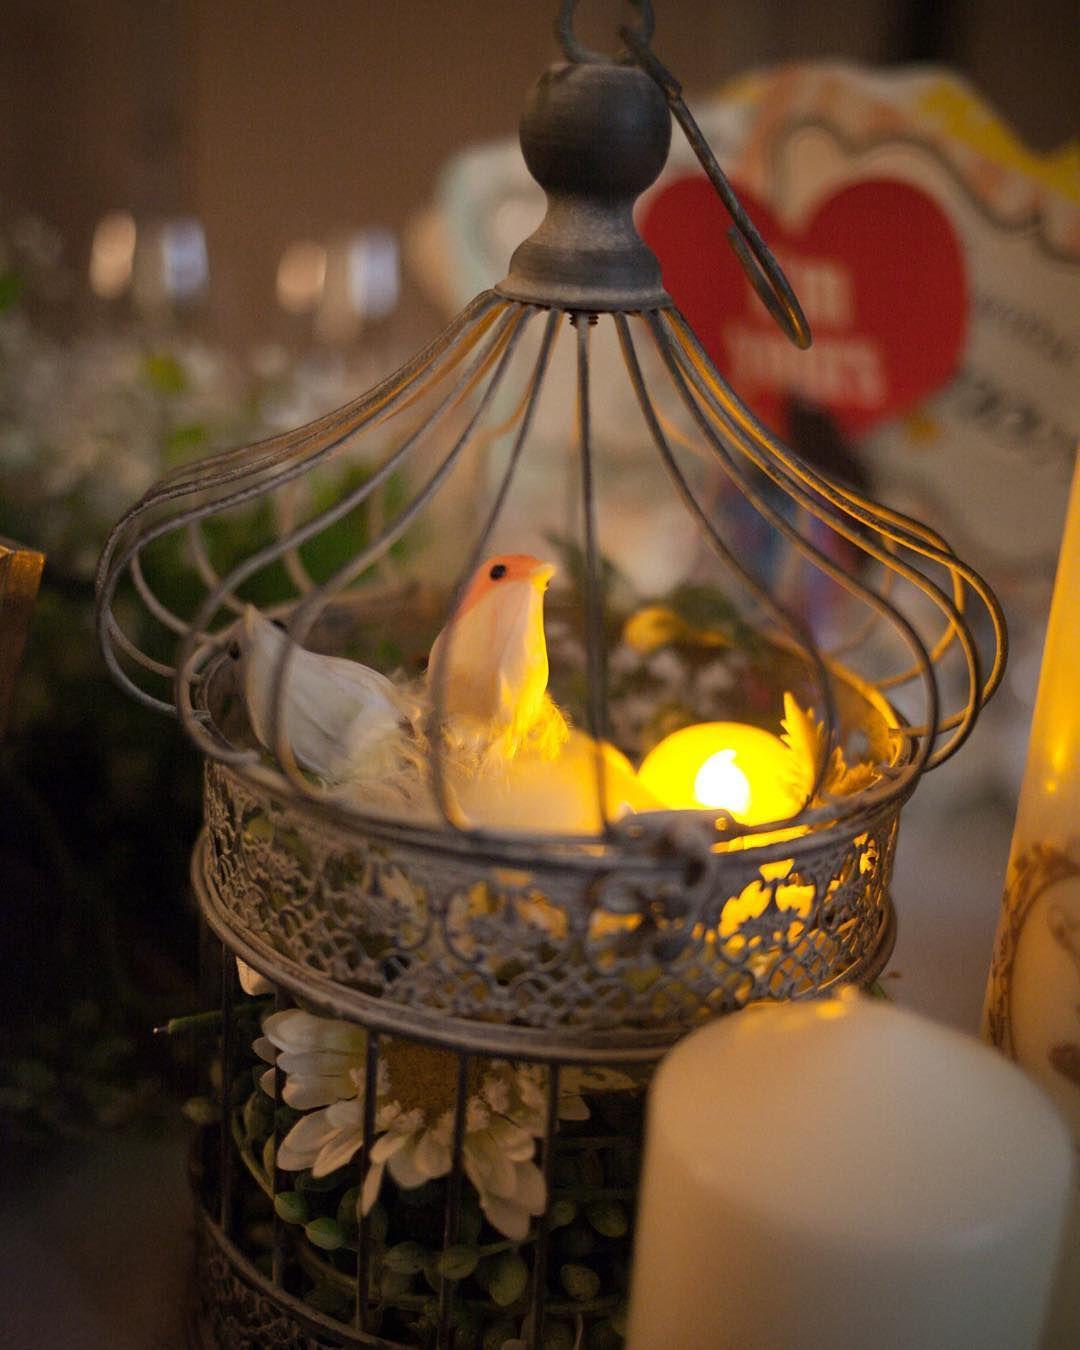 「* その⑰鳥かご(高砂:新婦側) * お色直しの間に、中に仕込んでおいた#LEDキャンドル 点灯してもらいました✨ * 17時から披露宴だったので、時間的にちょうど外が暗くなるくらいでバッチリ…」